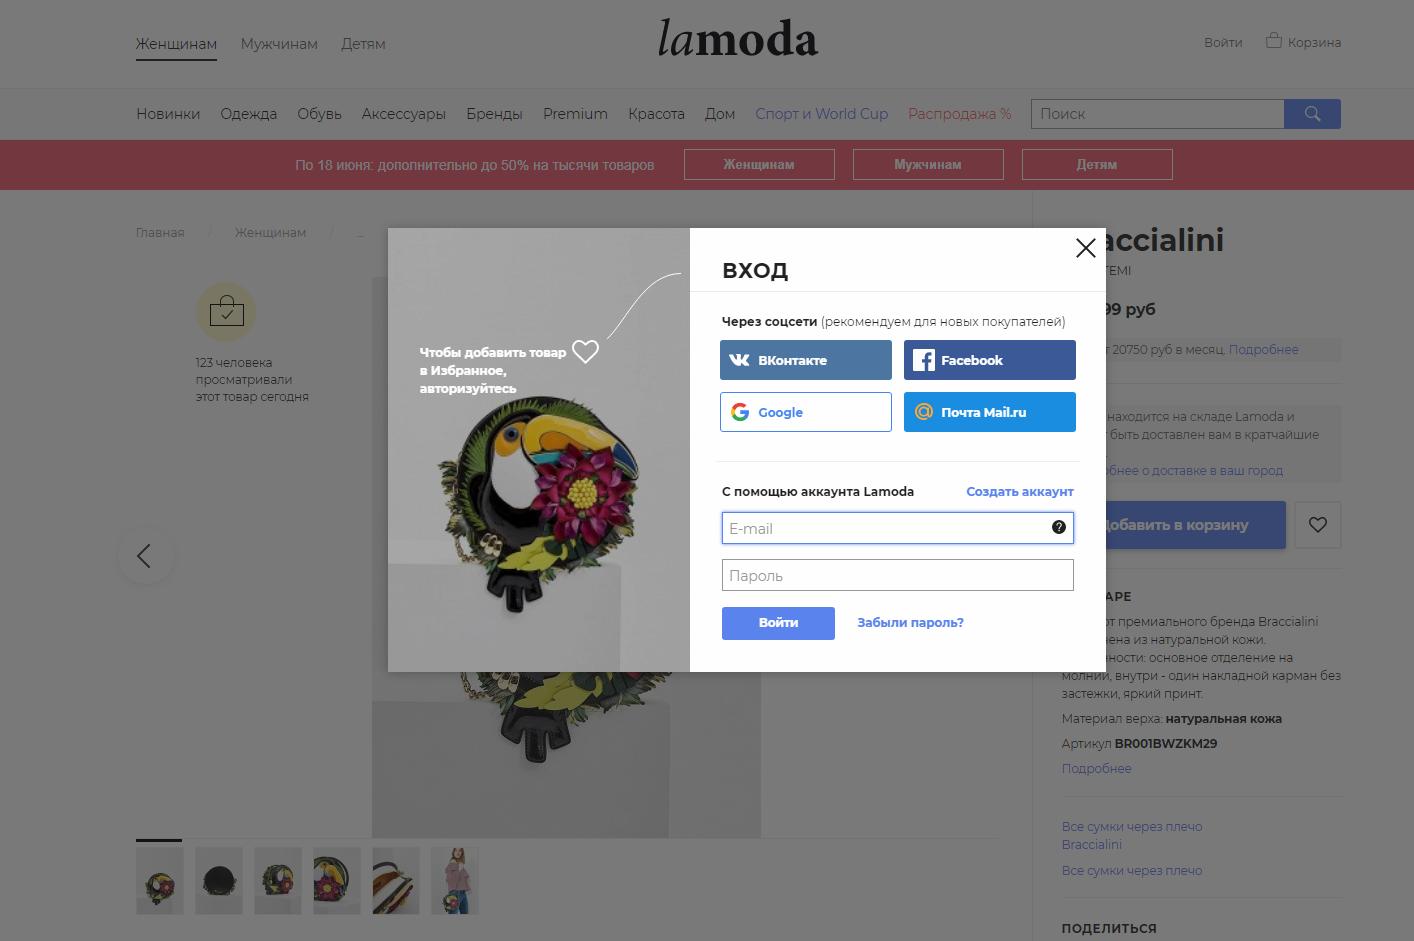 Предложение зарегистрироваться для добавления товаров в Избранное на сайте lamoda